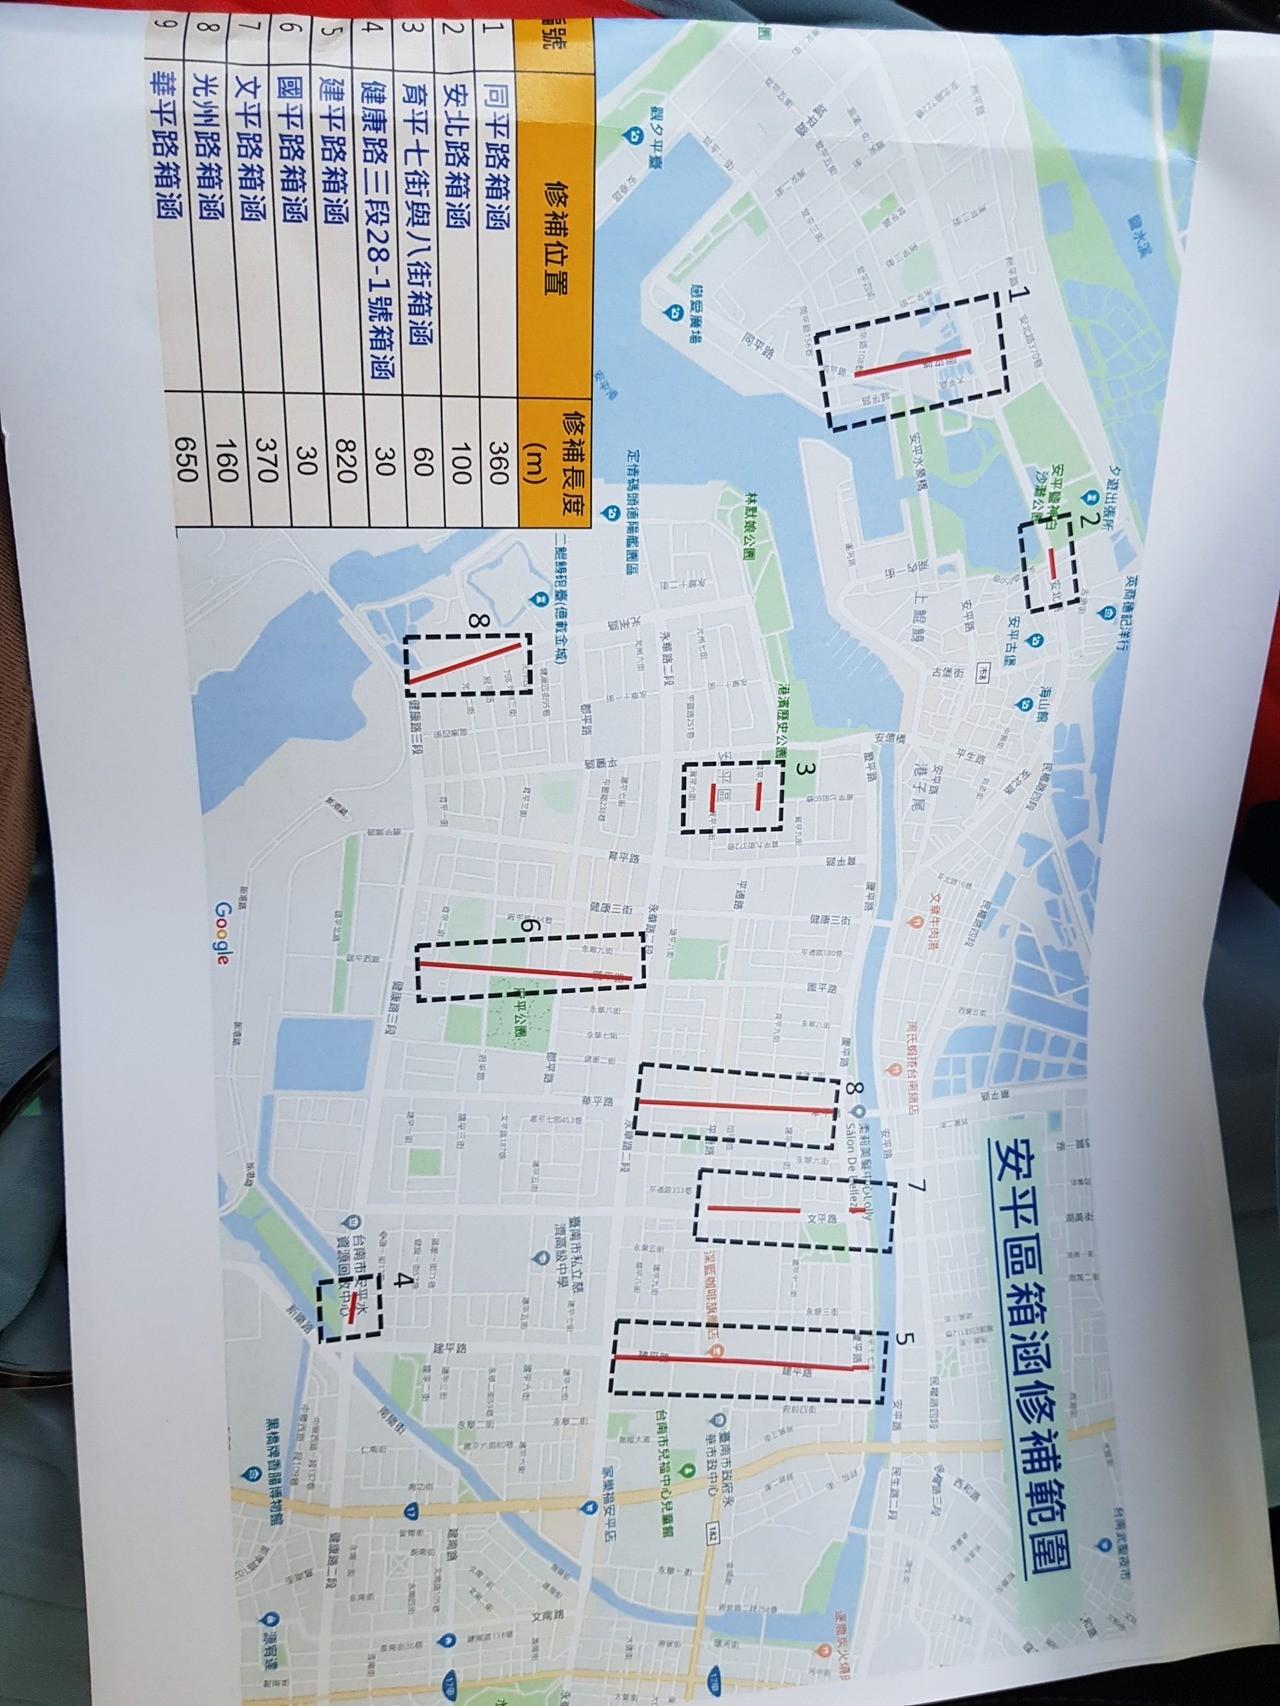 台南人注意!這幾條路不要走 小心掉下去 - 台南即時新聞